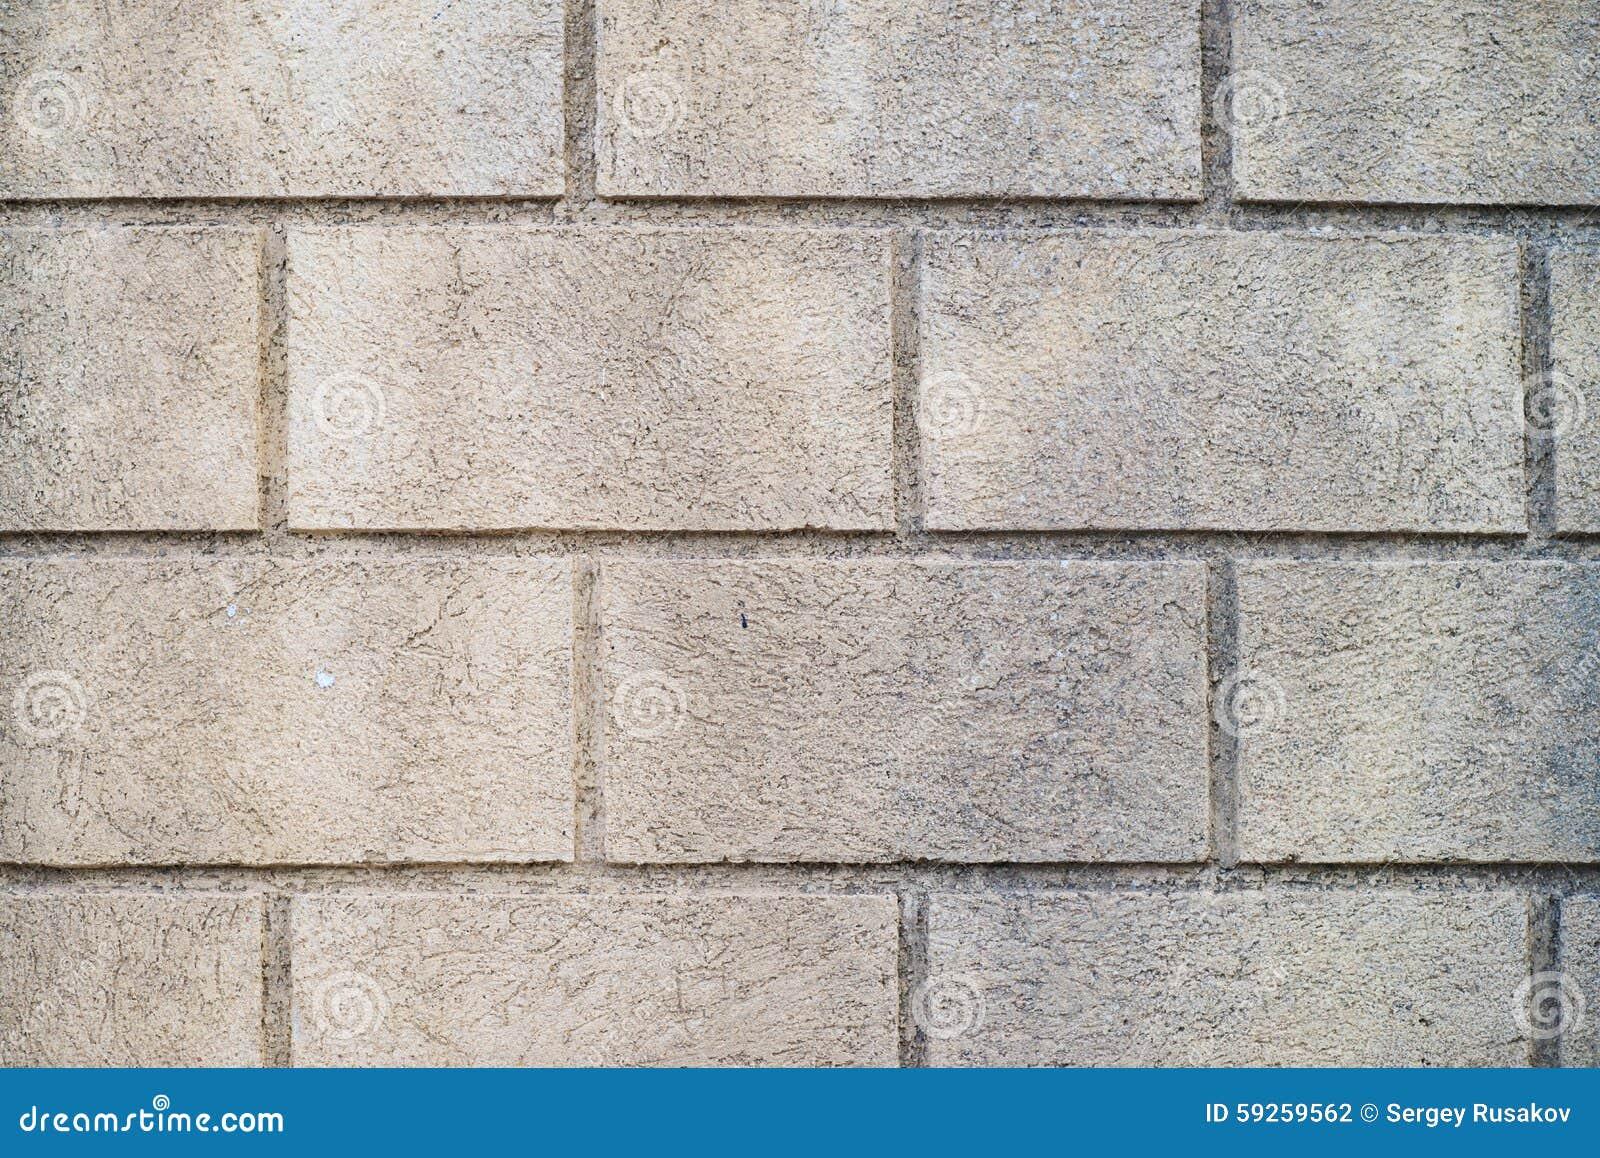 Wall made of big bricks